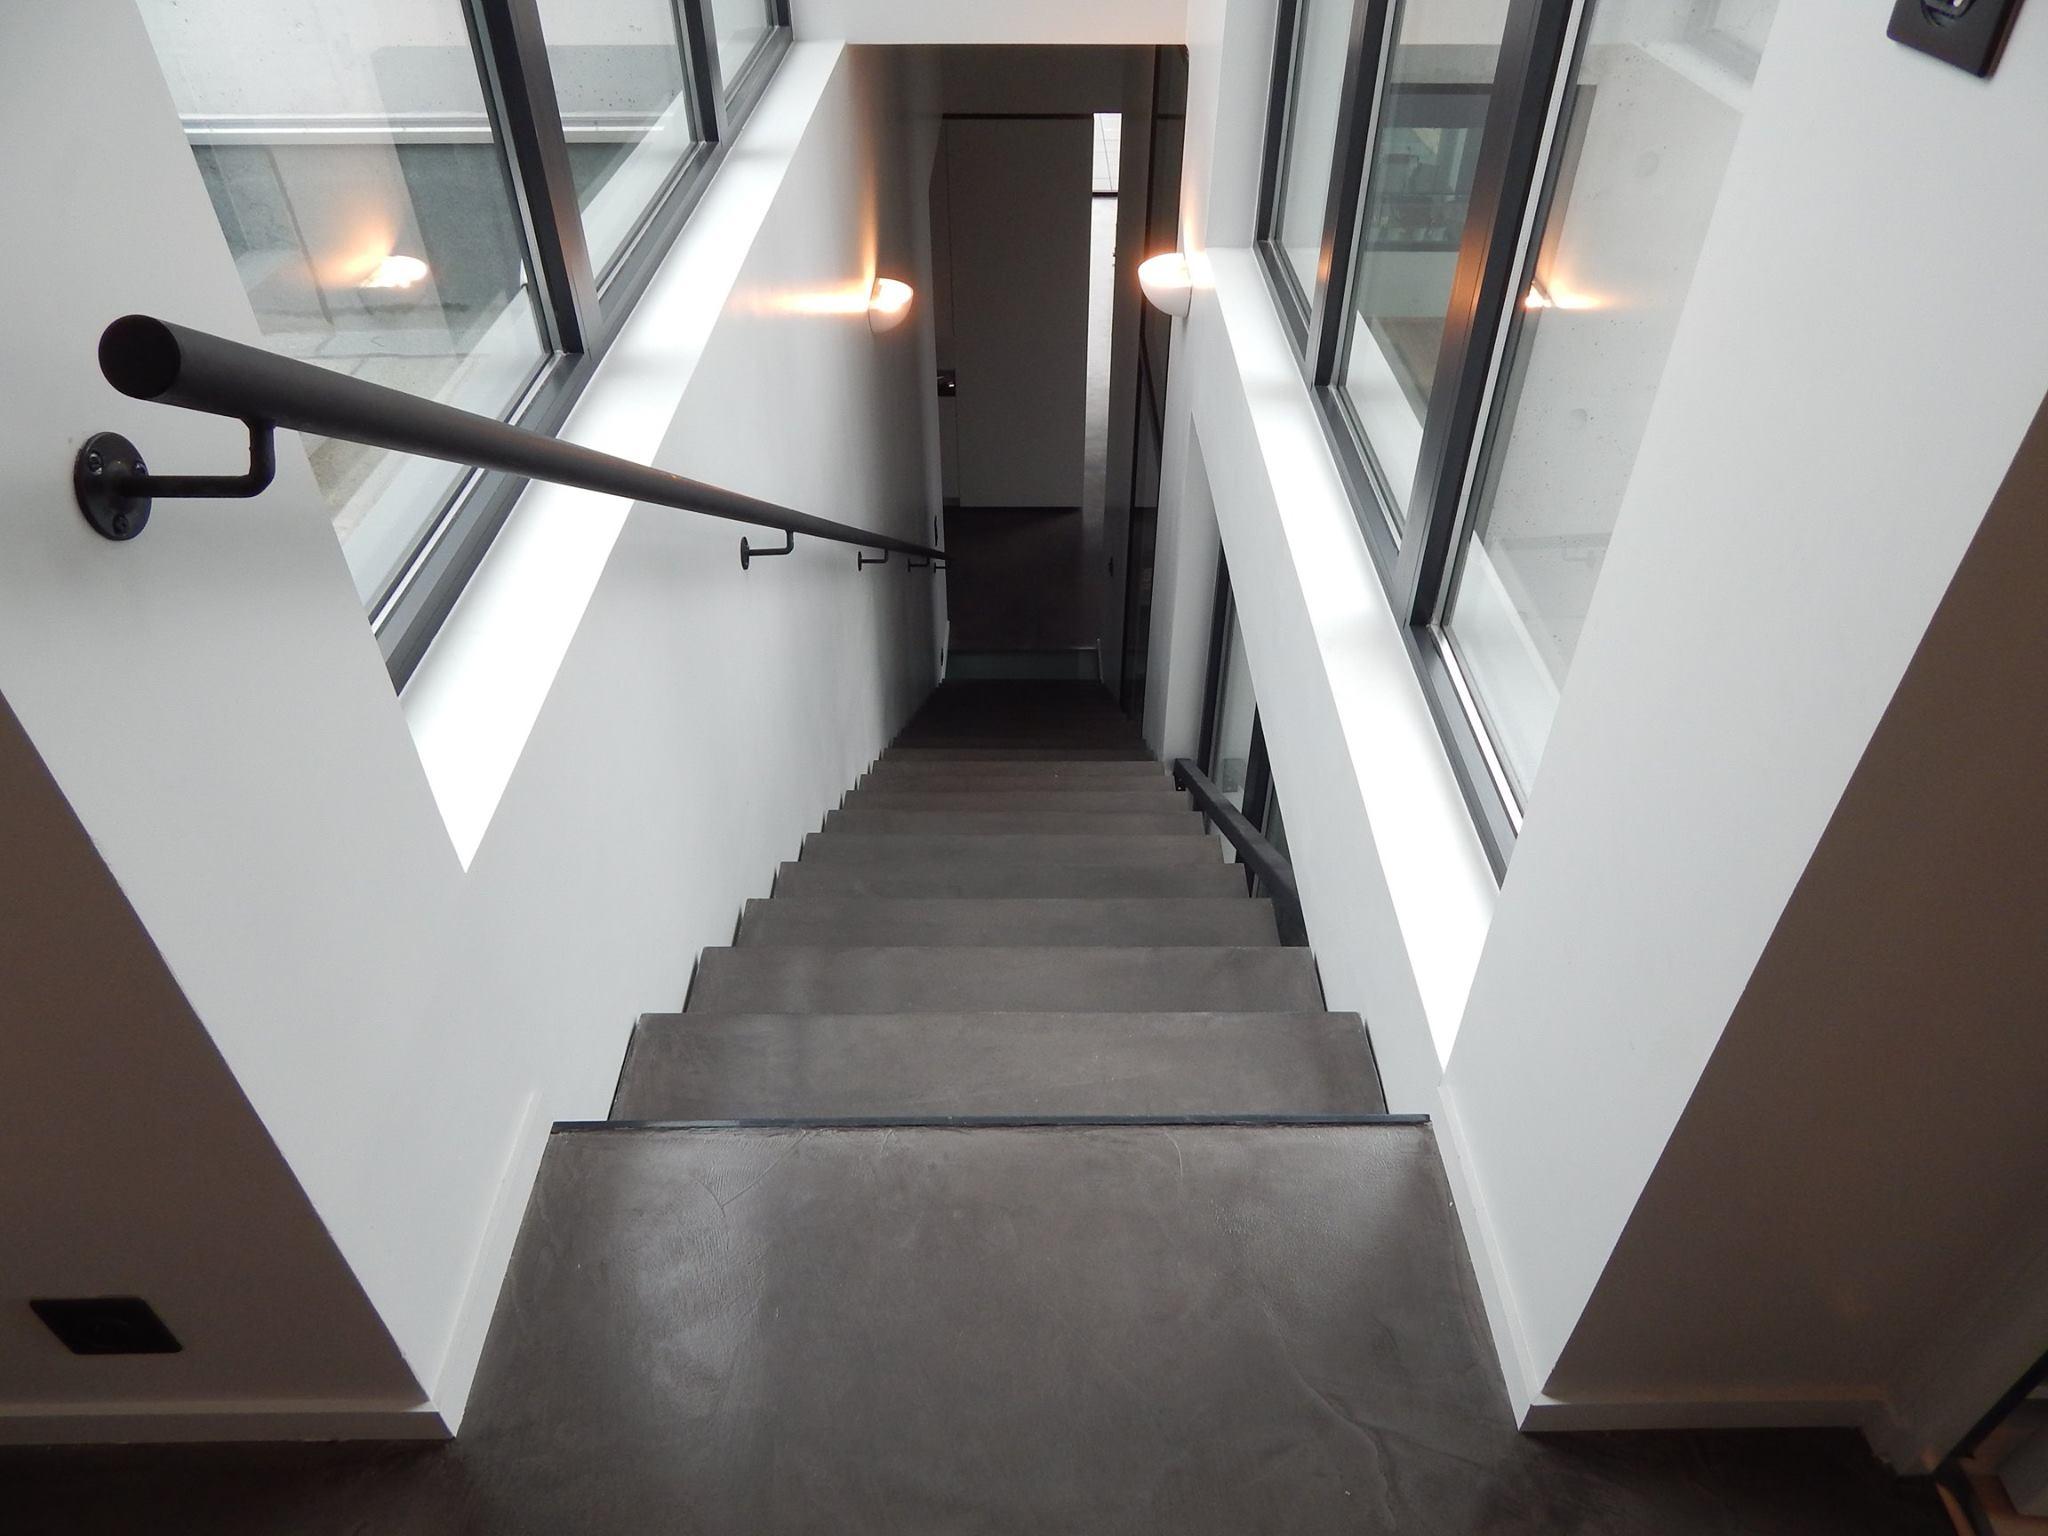 escalier resine revetement pour escalier exterieur interieur resine simple zoom with beton. Black Bedroom Furniture Sets. Home Design Ideas